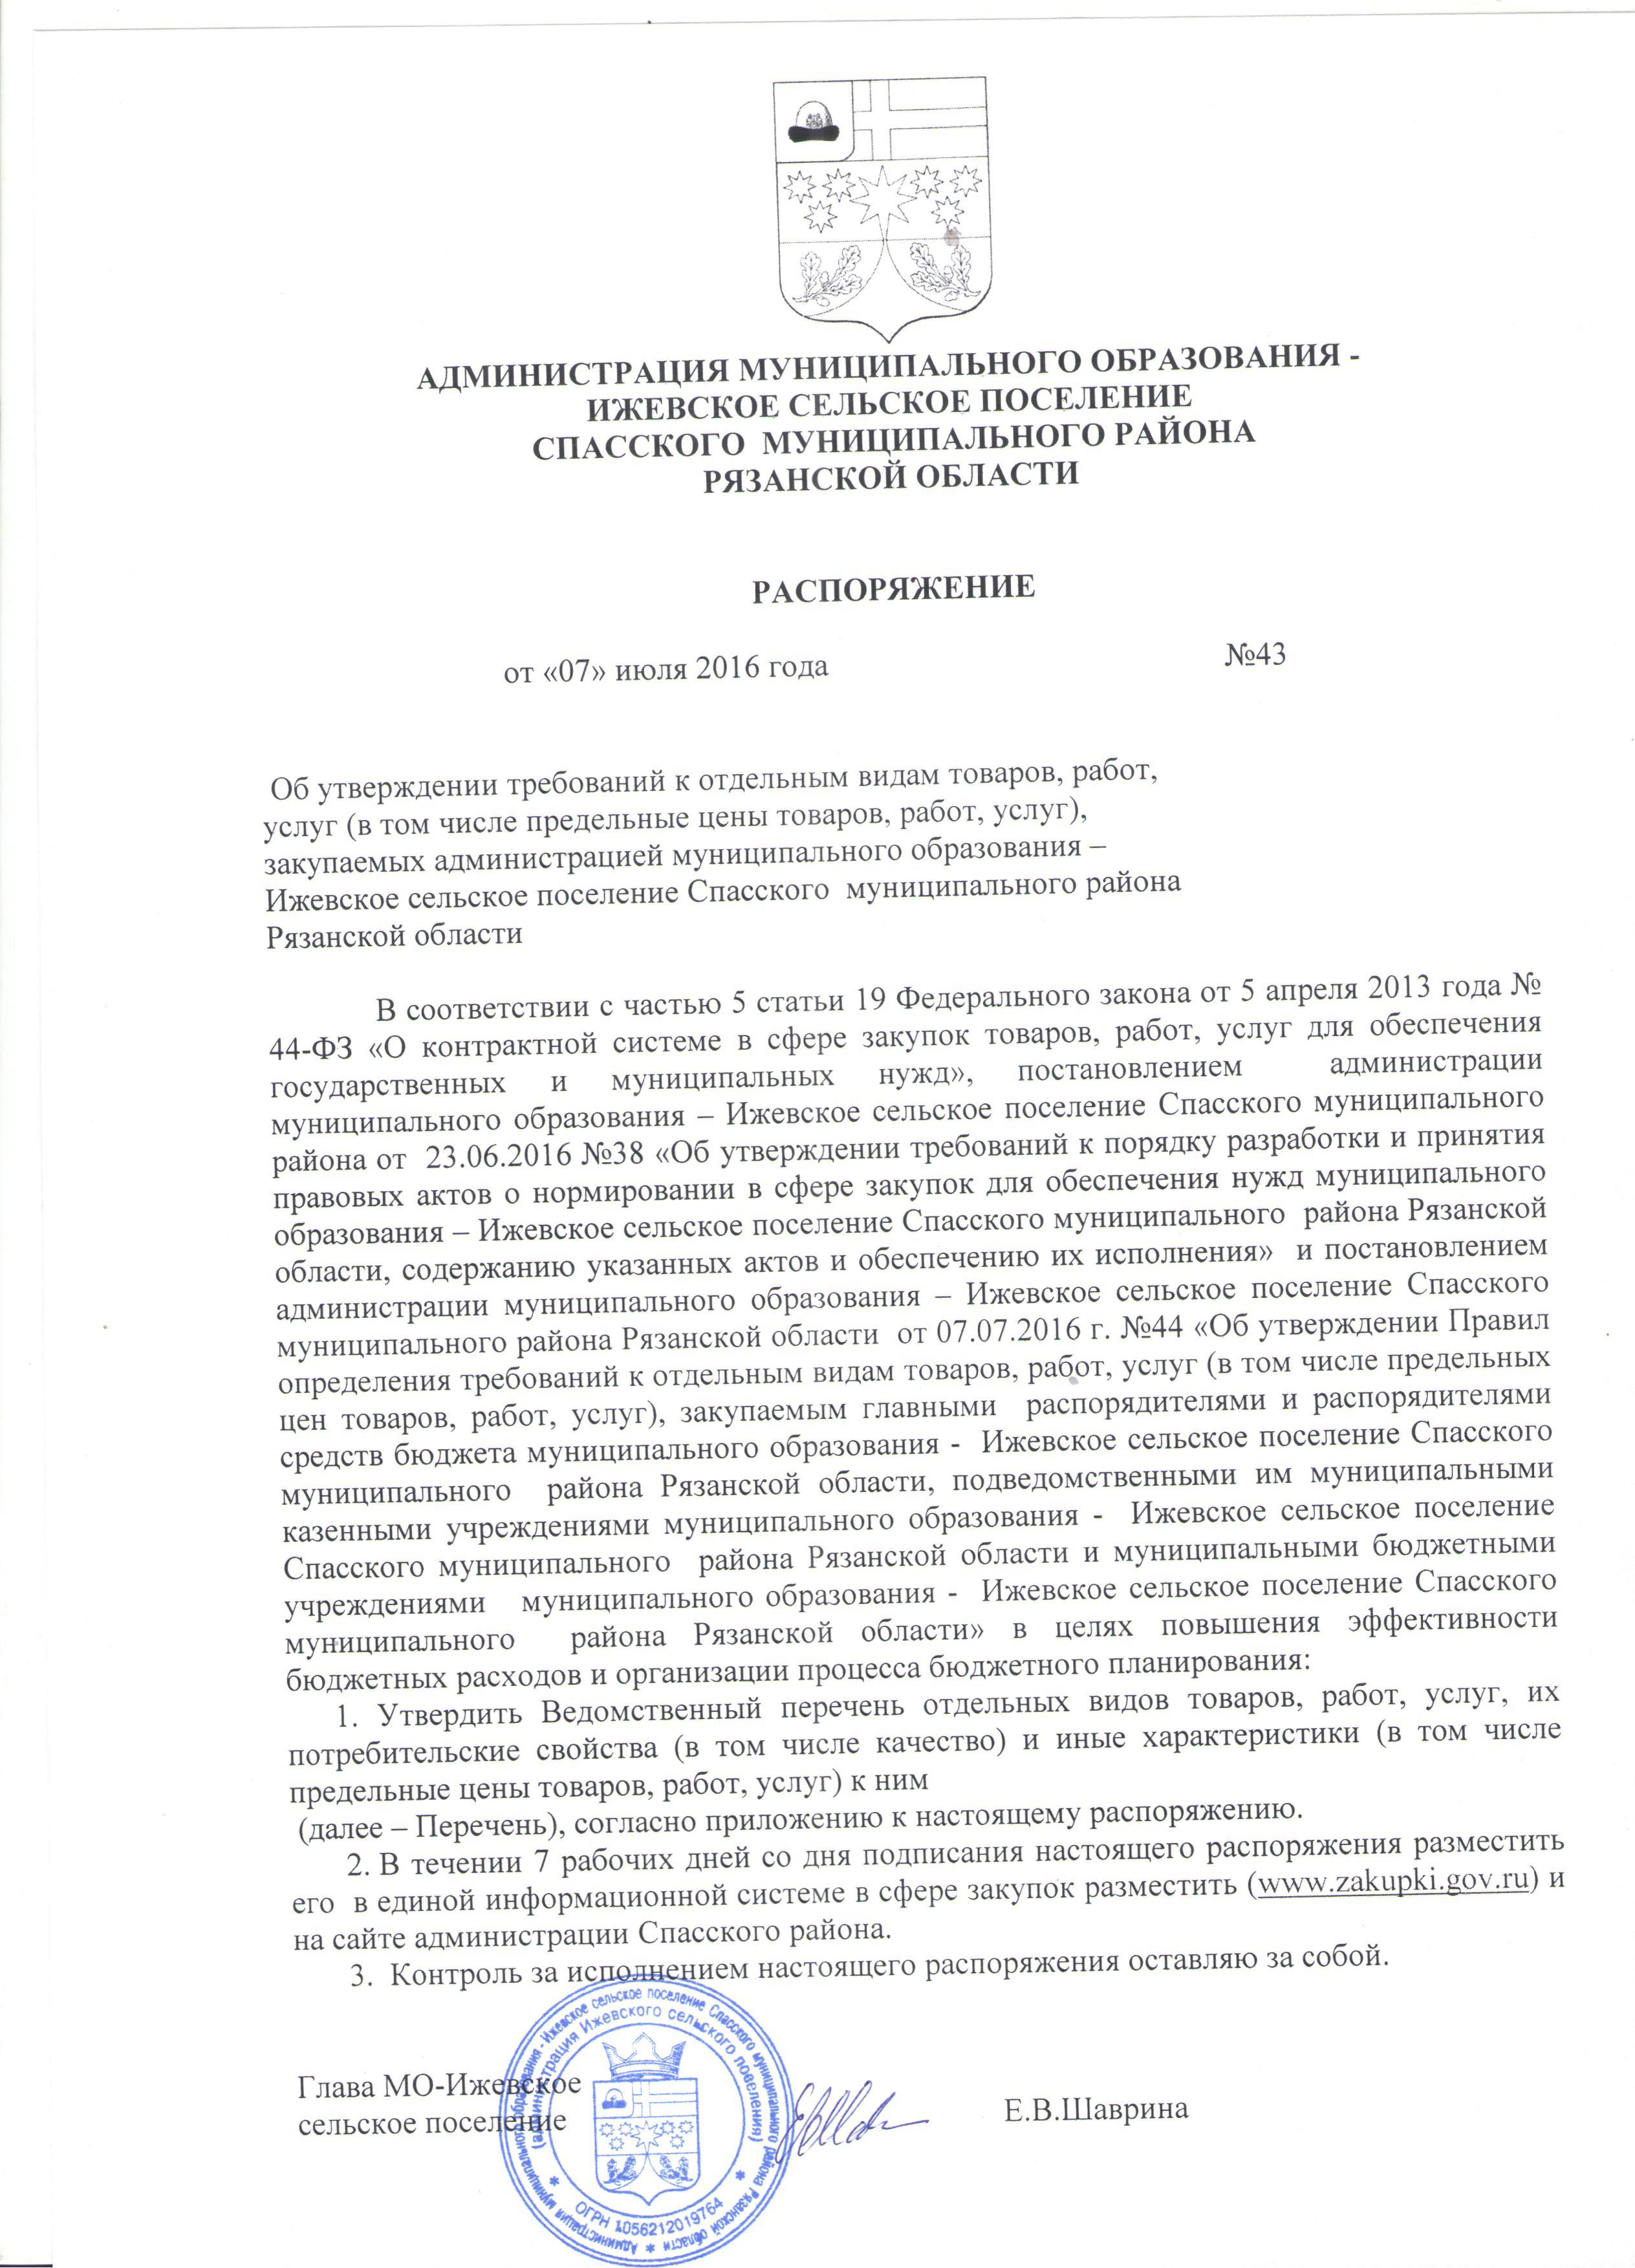 Предъявление исполнительного листа в отношении бюджетного учреждения